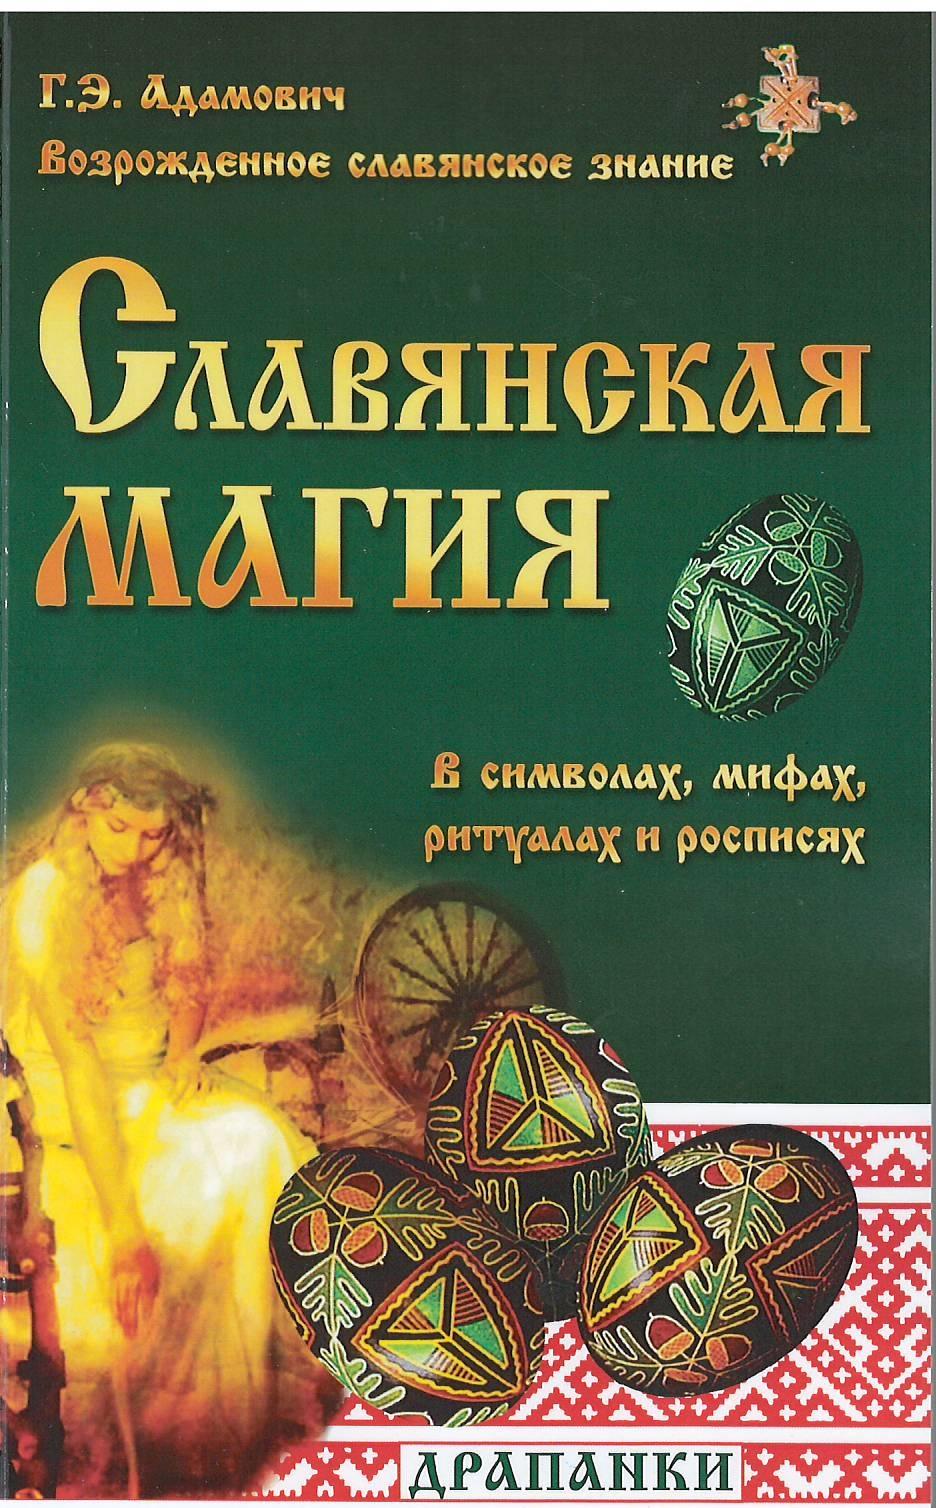 Славянская магия в символах, мифах, ритуалах и росписях. 2-е изд.